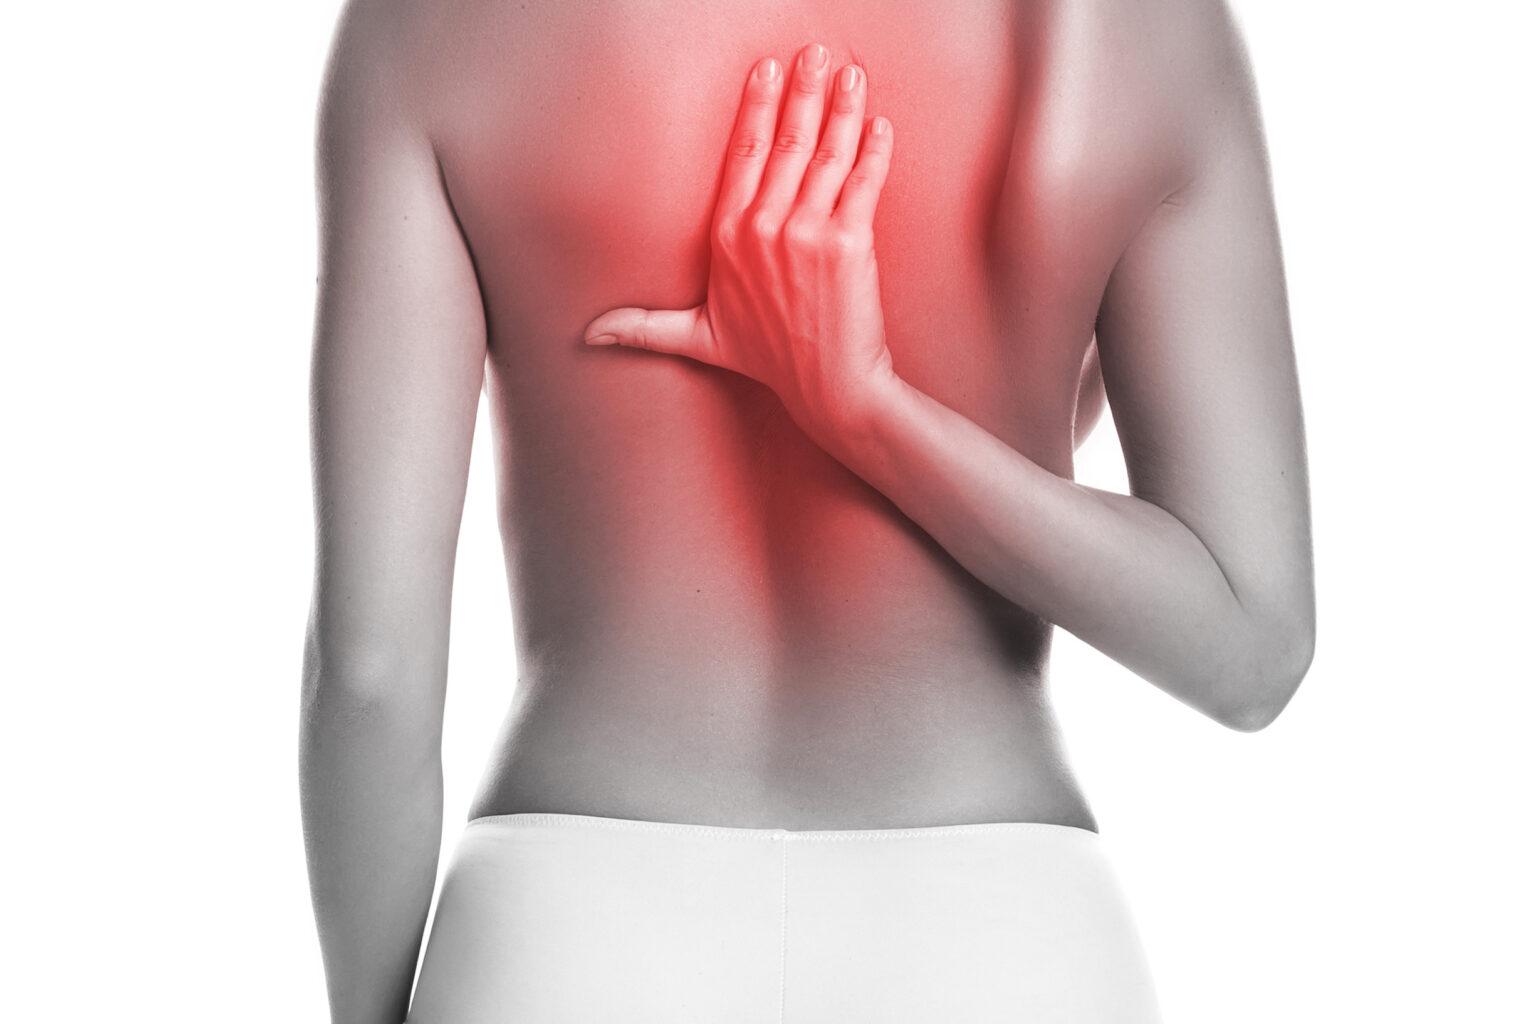 Боль в спине между лопатками: причины, характер боли, диагностика, лечение, профилактика